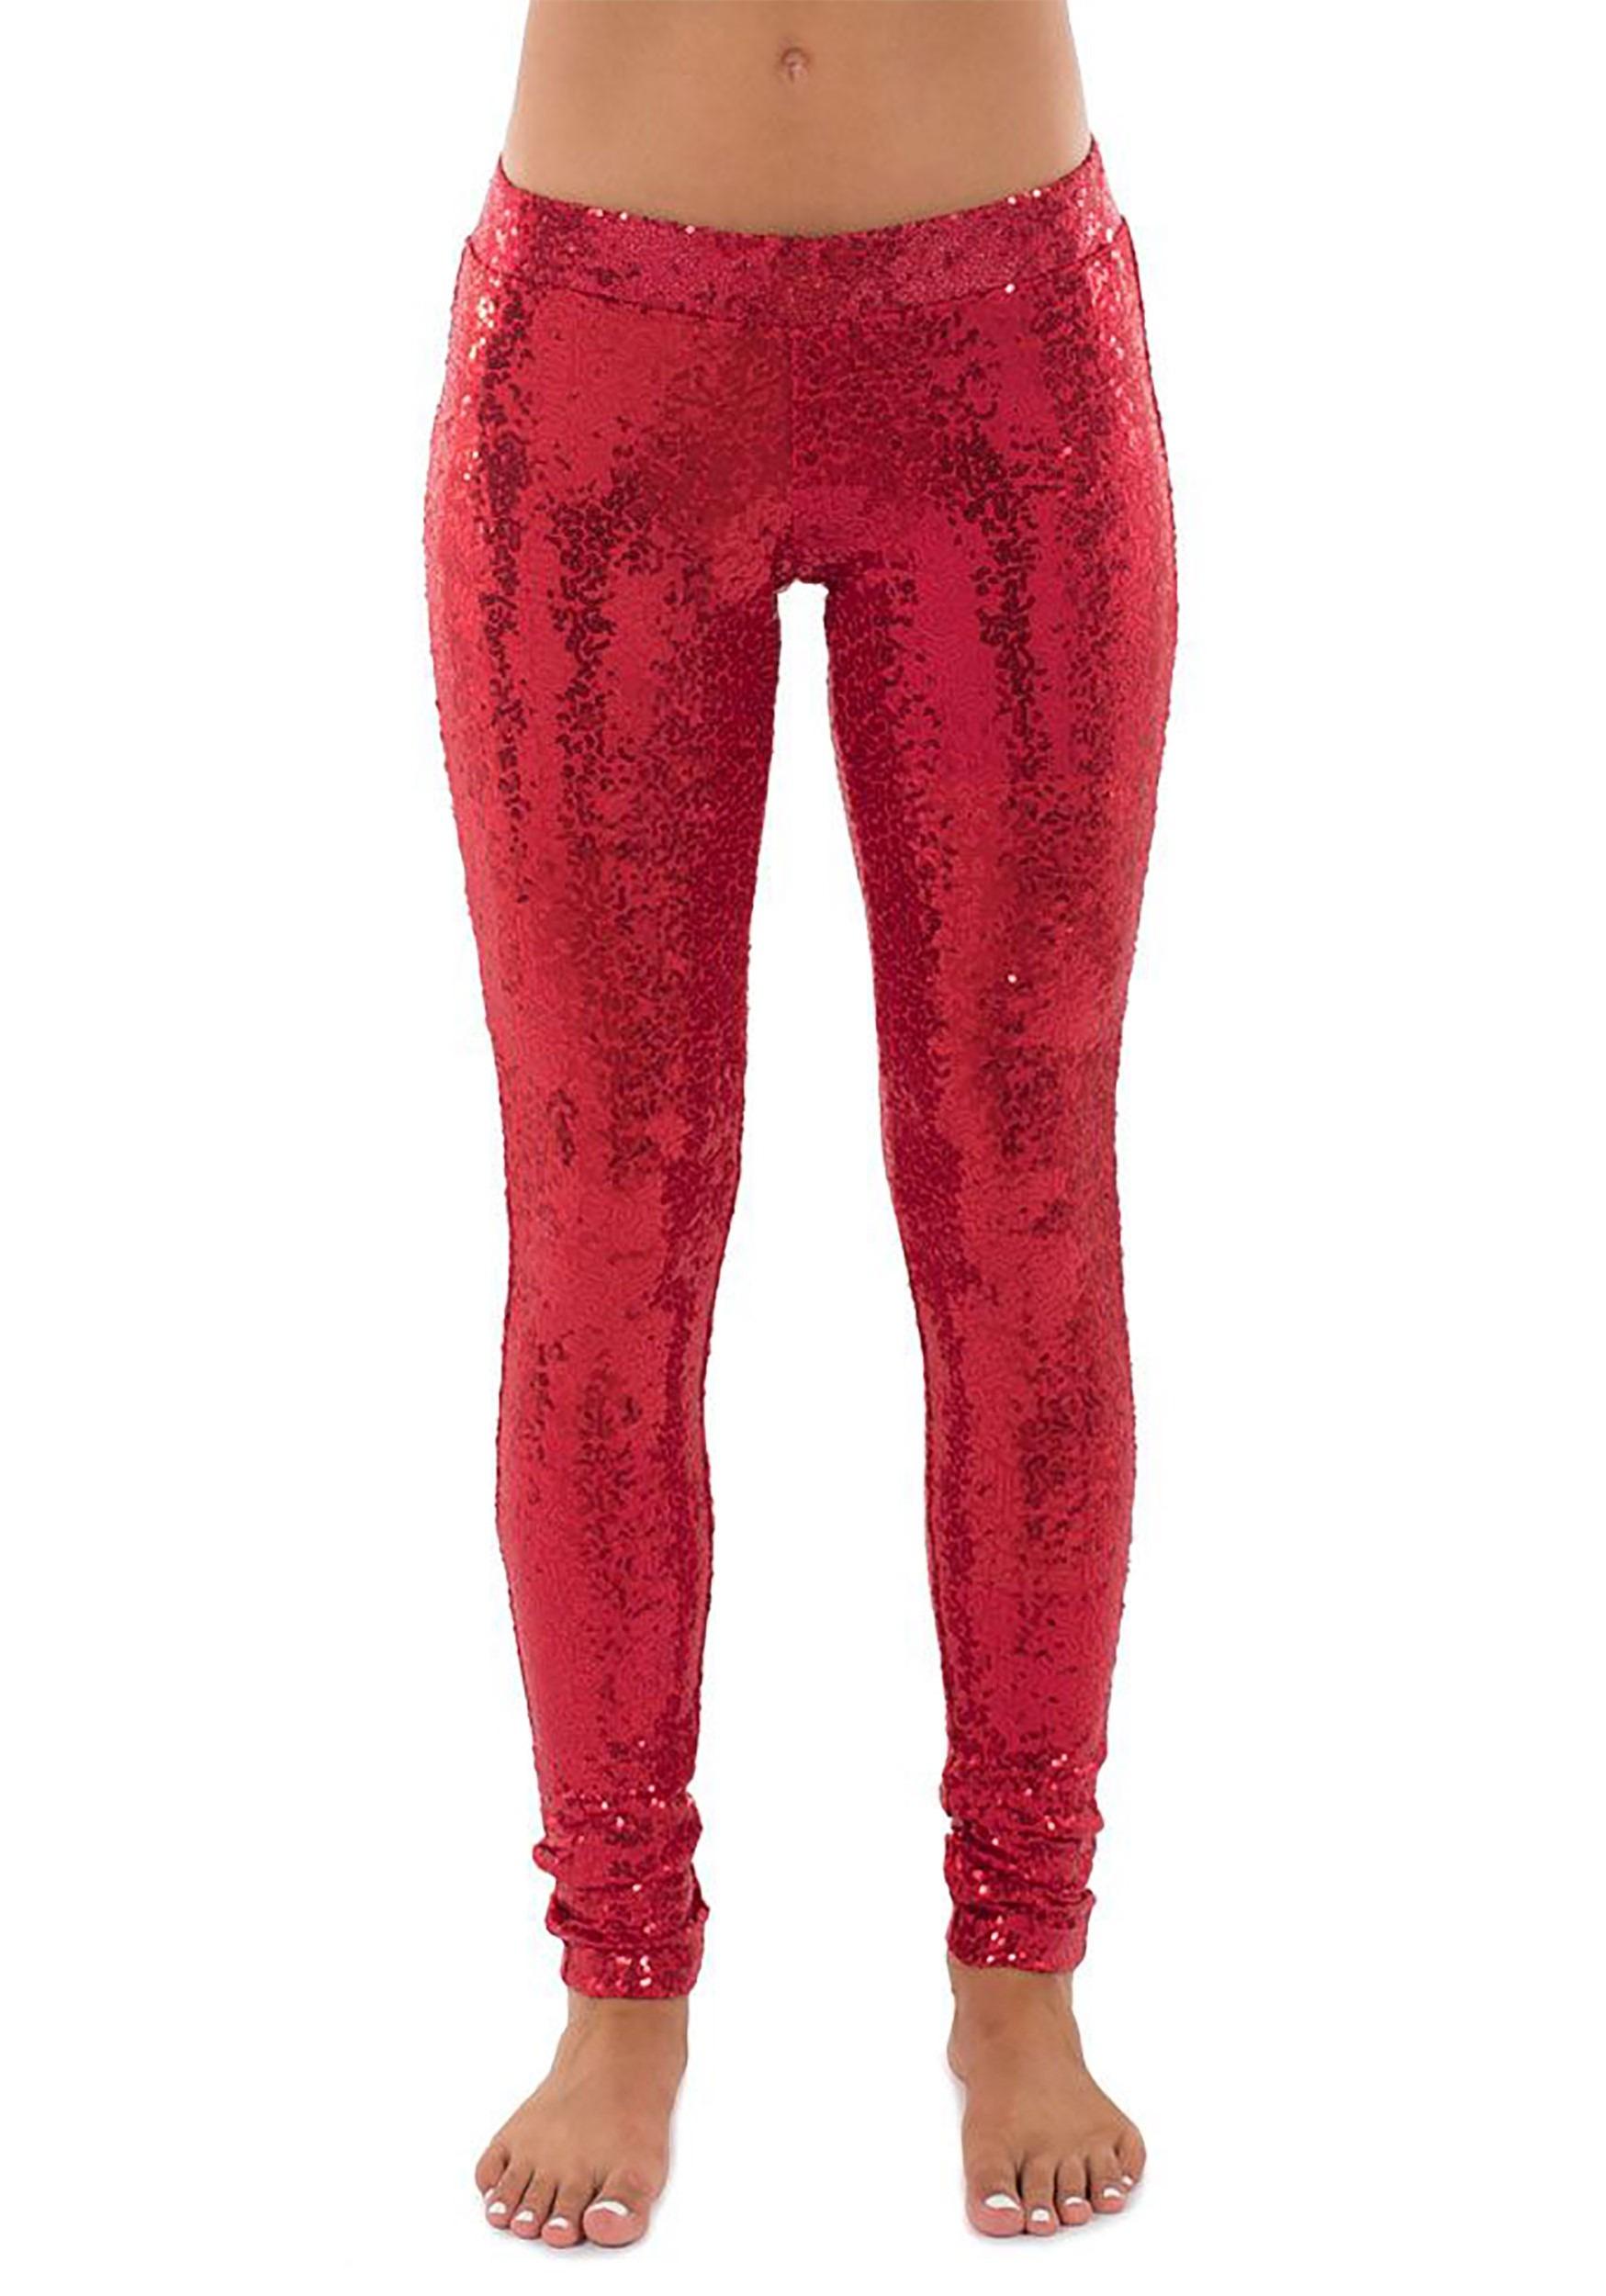 Women's Tipsy Elves Red Sequin Leggings